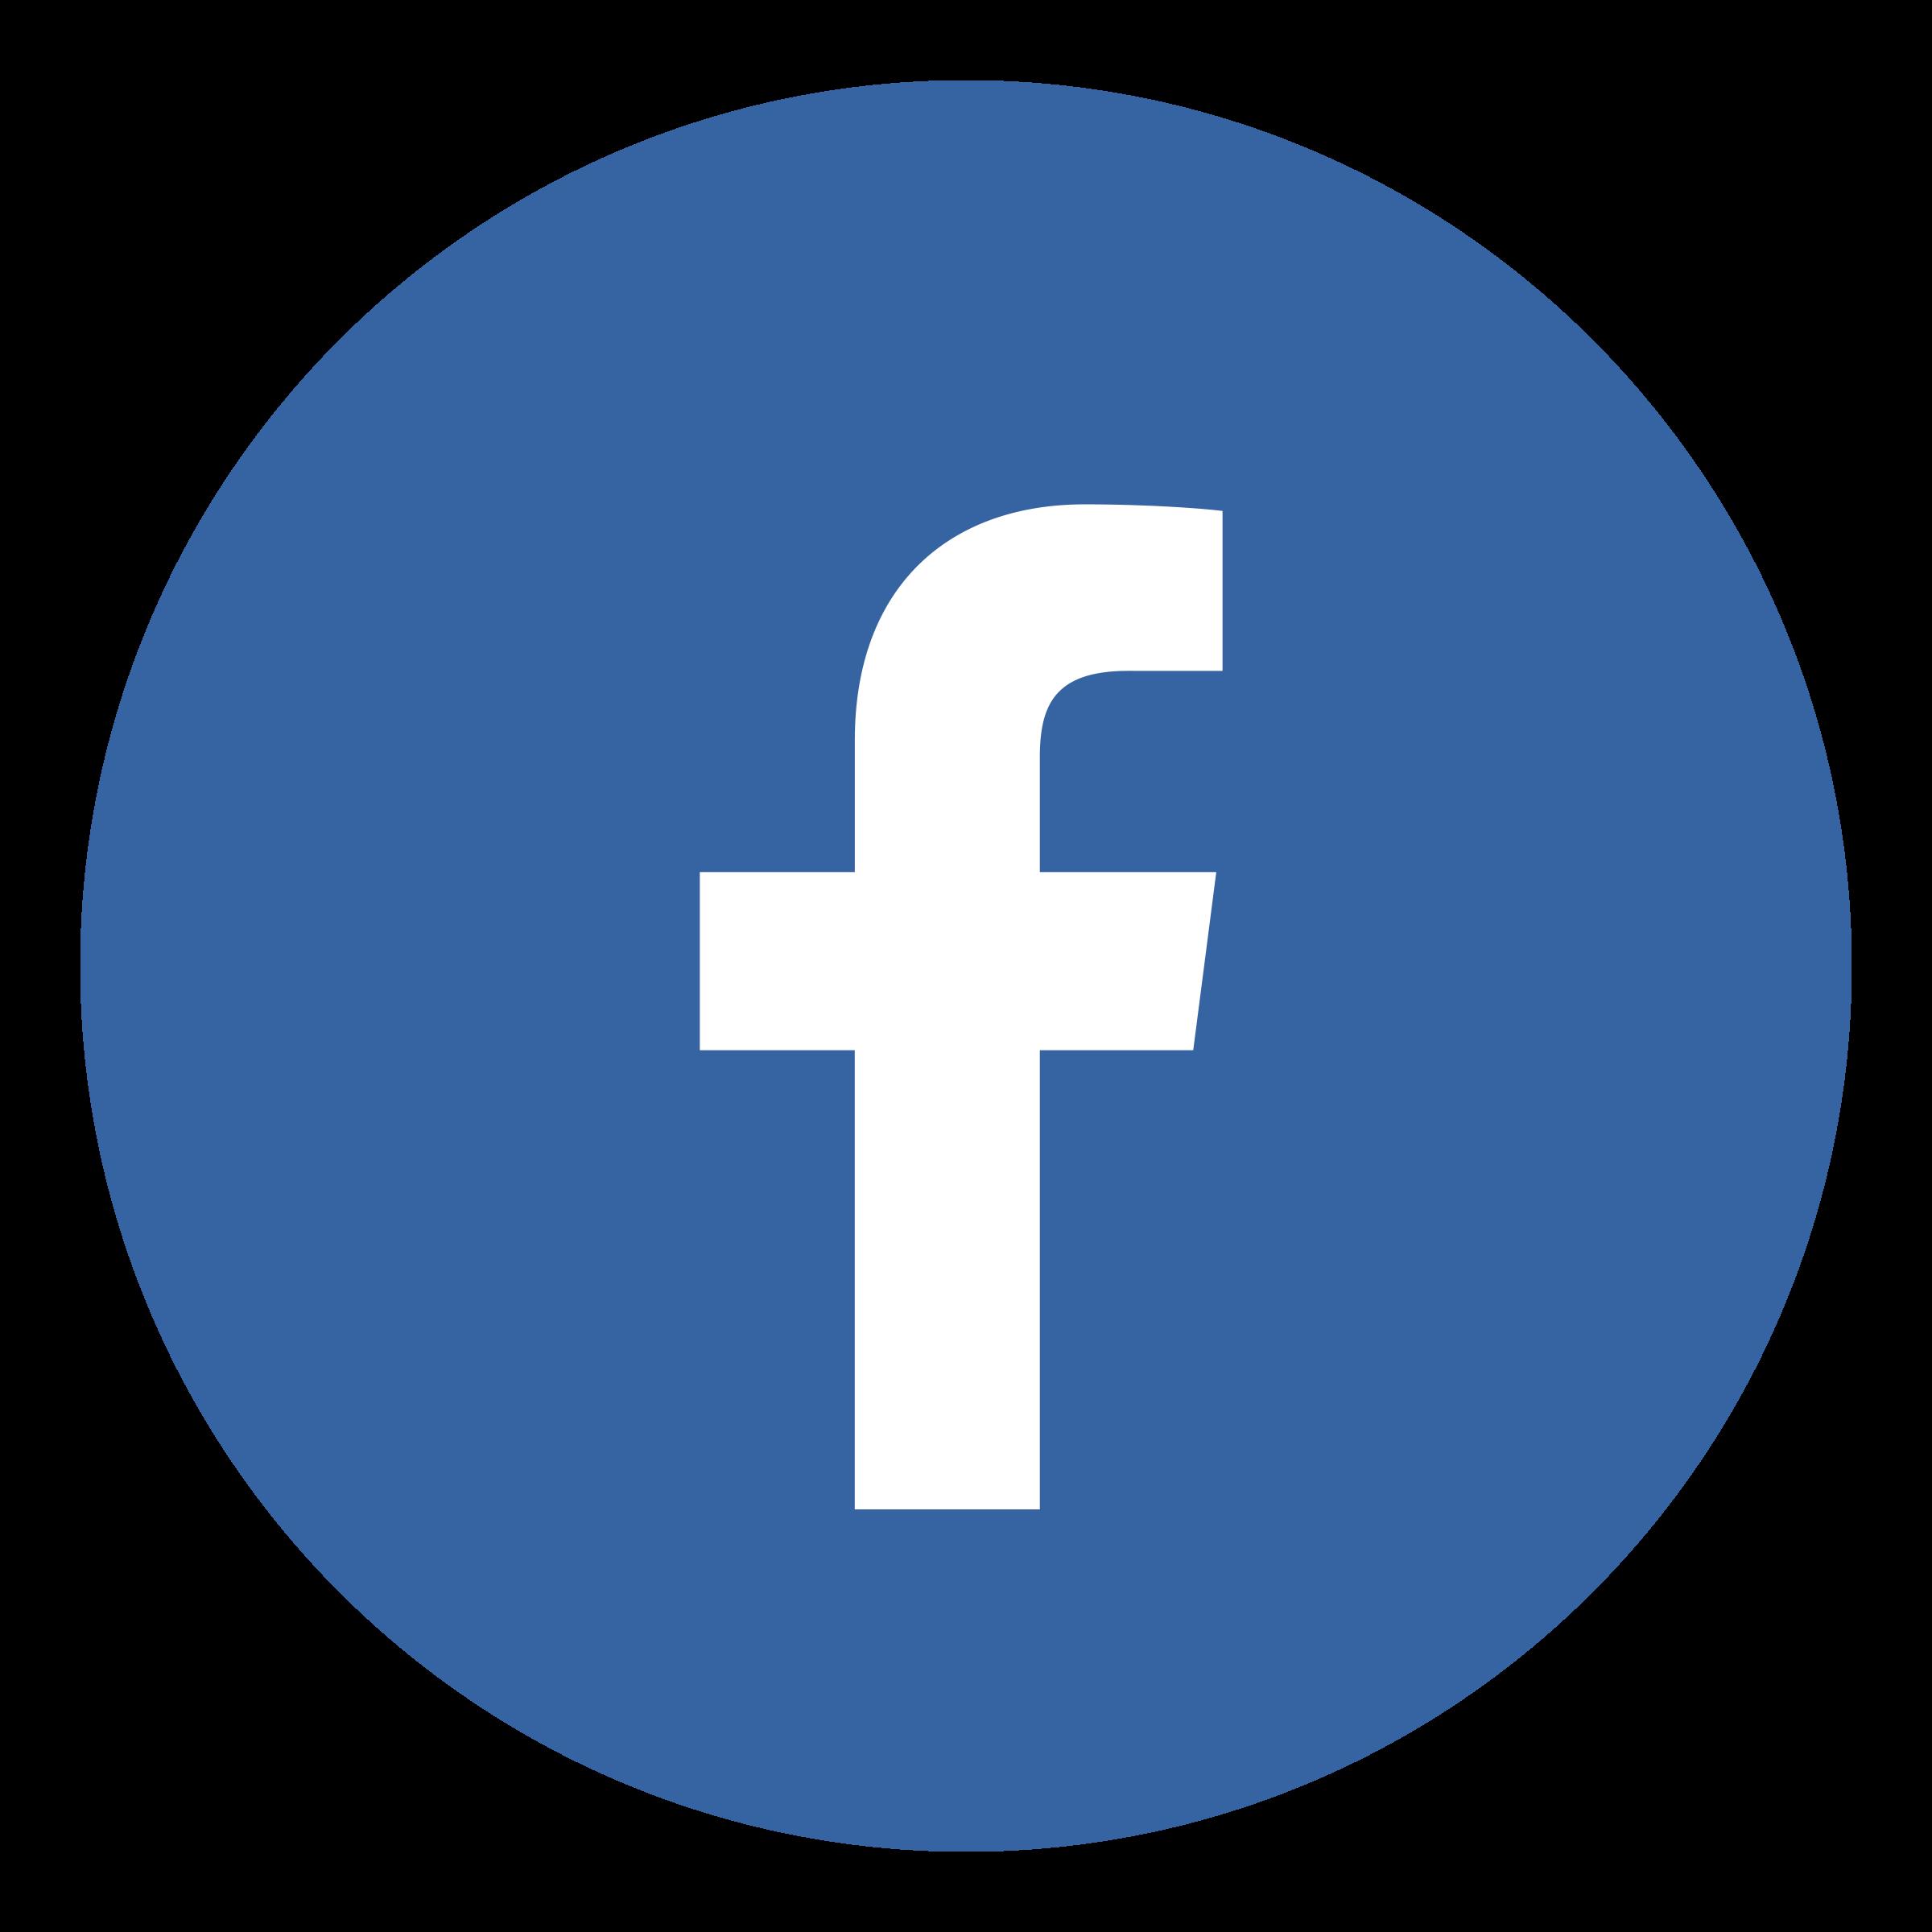 עמוד פייסבוק לירד